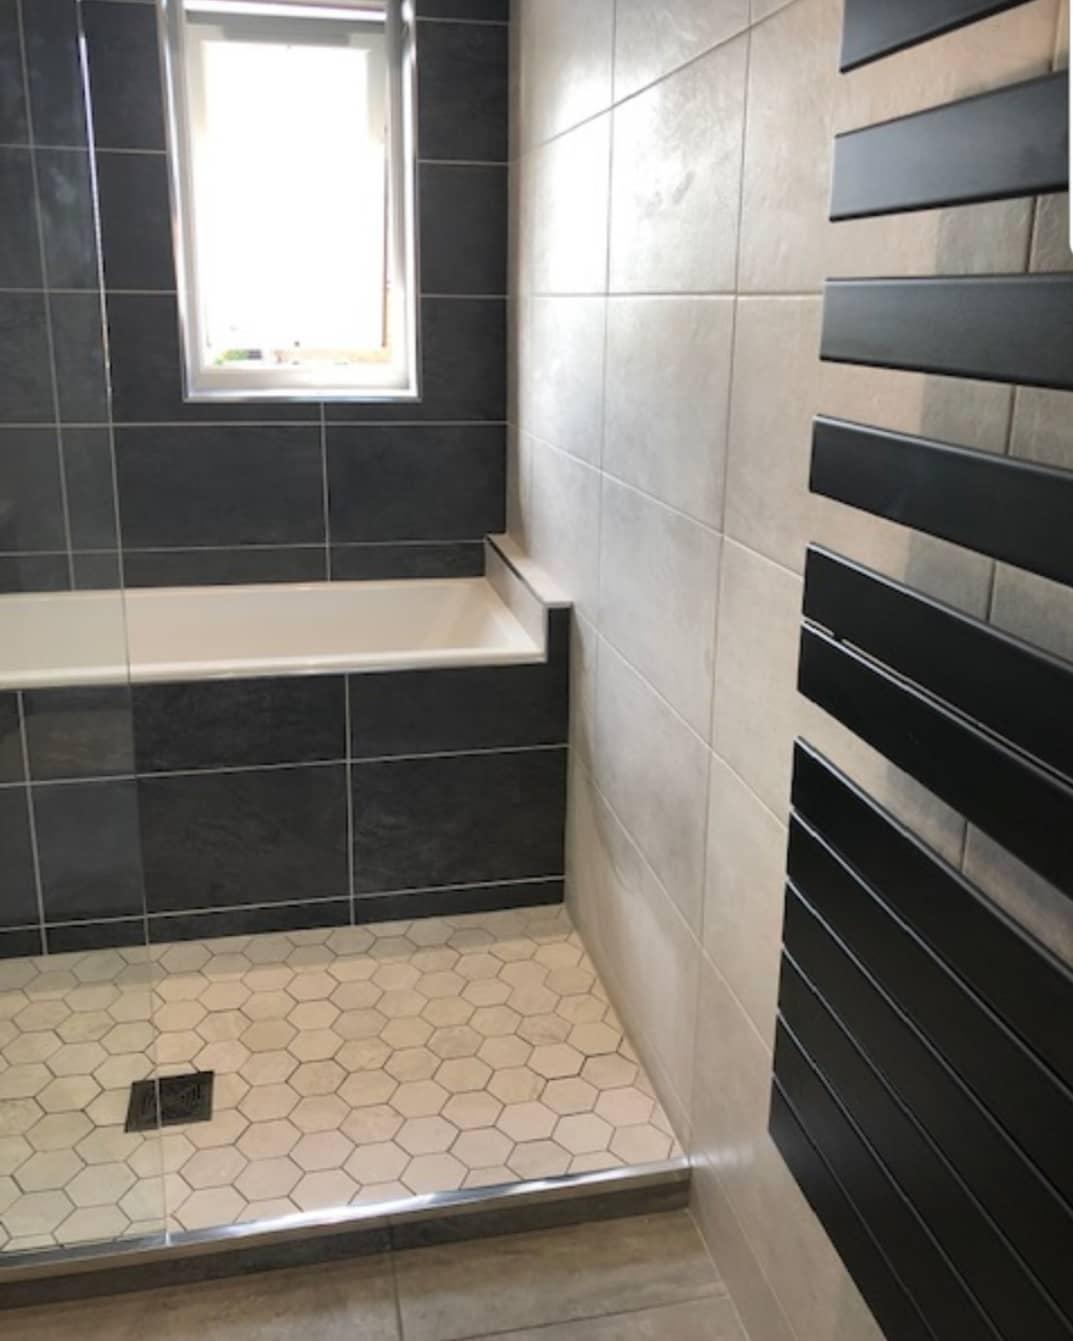 Zhender radiator in grey ensuite bathroom